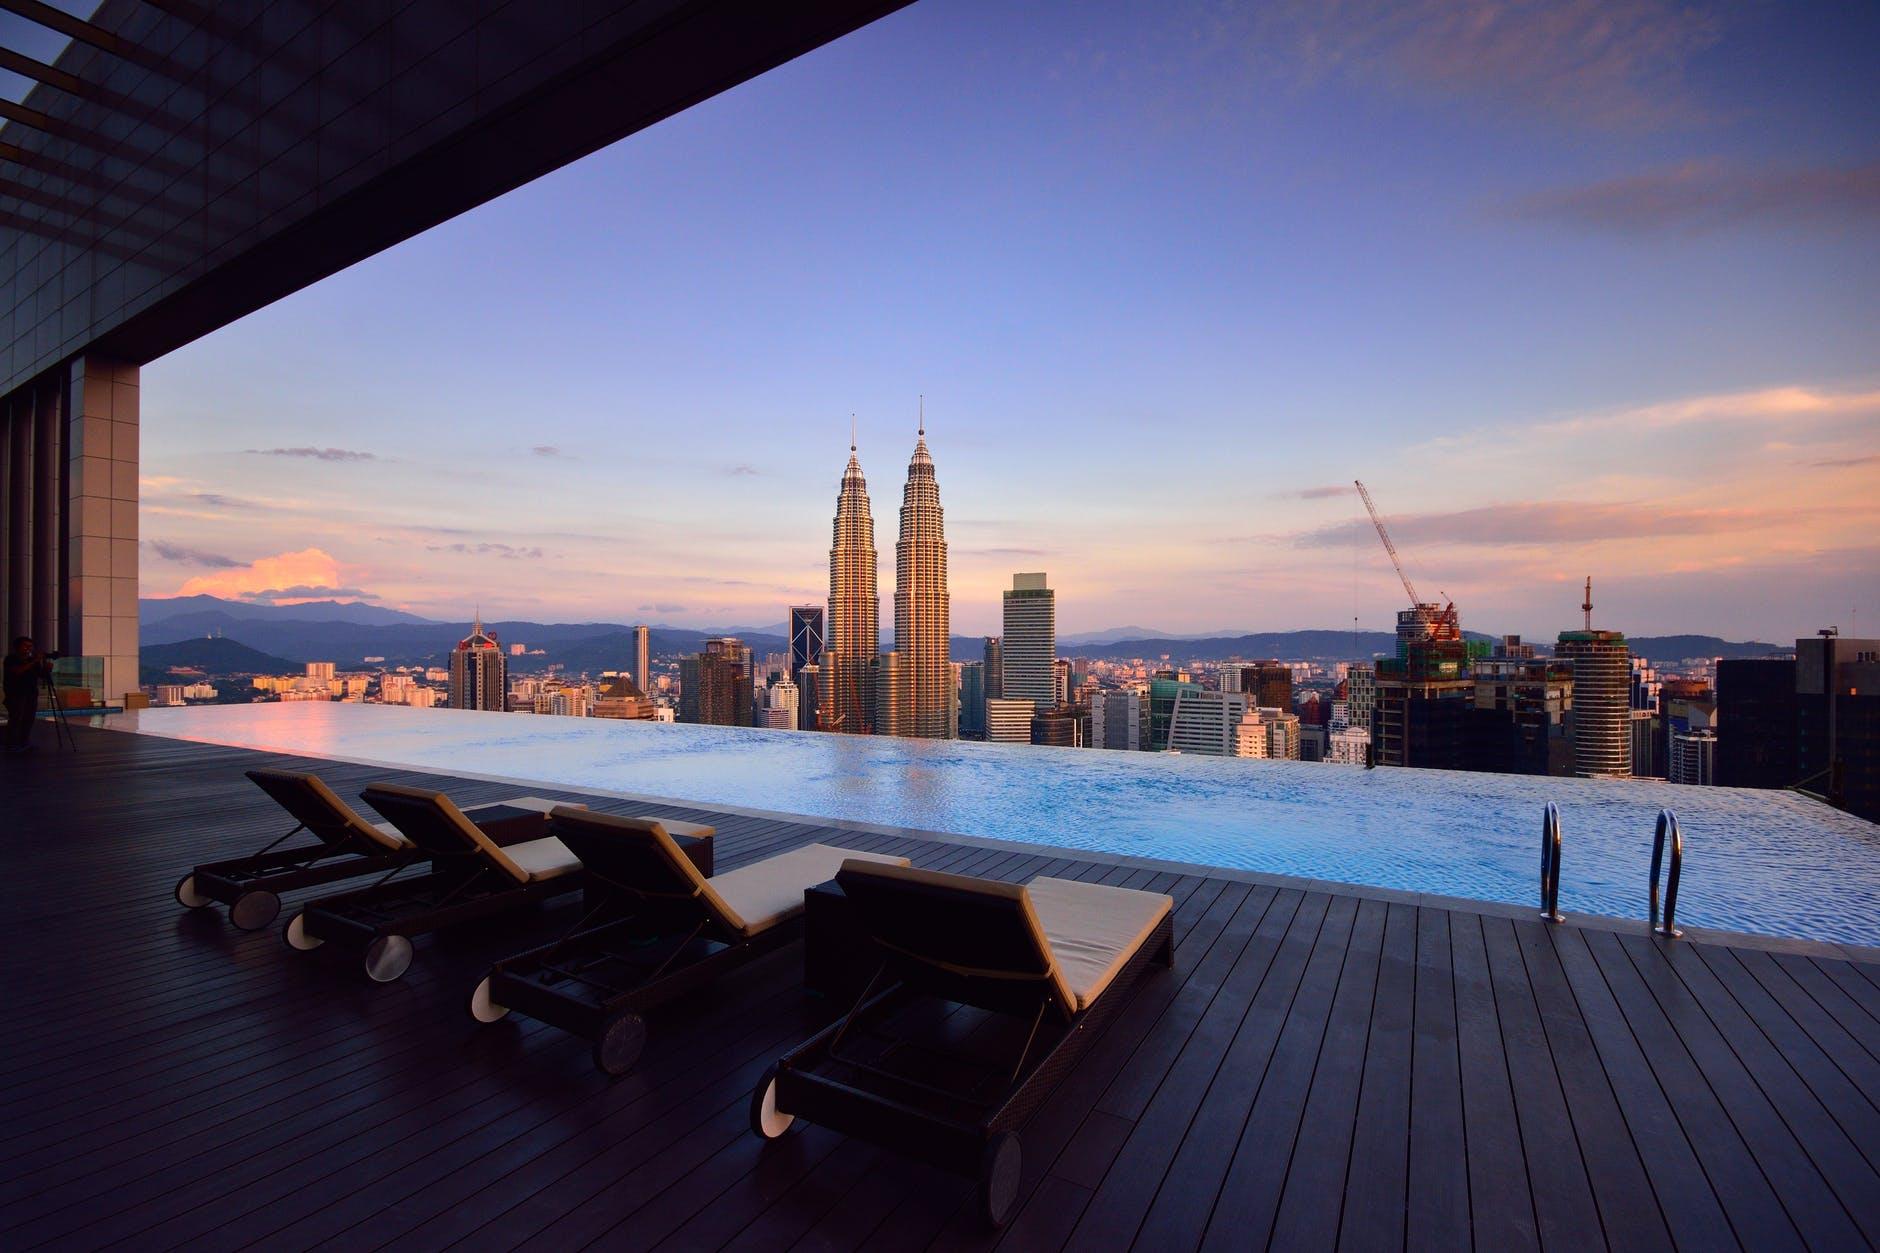 Photo Guide: Kuala Lumpur